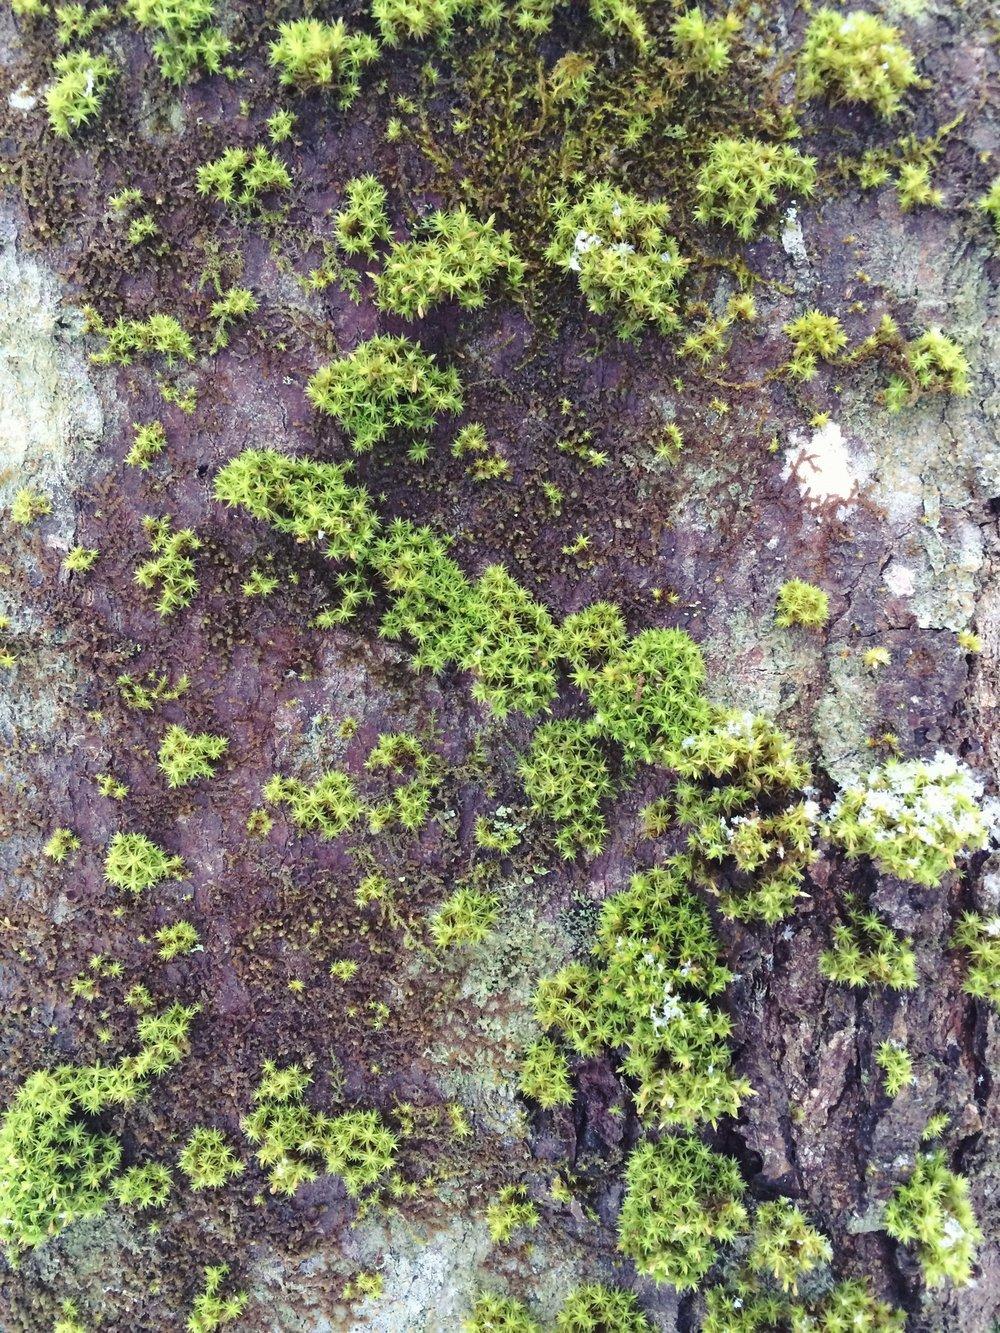 Live Like A Lichen